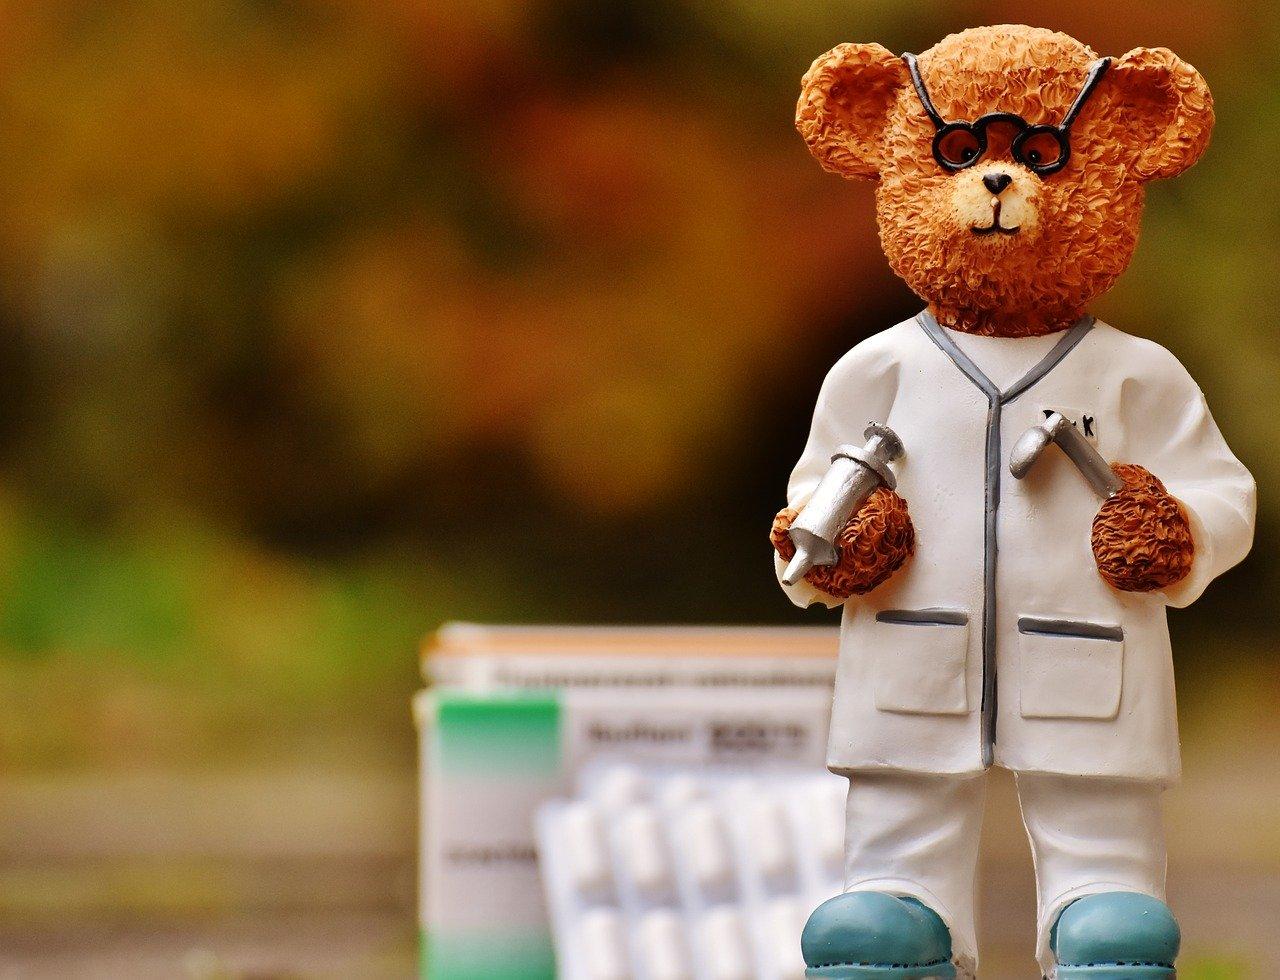 JHMG waarnemend huisarts preventief medisch onderzoek